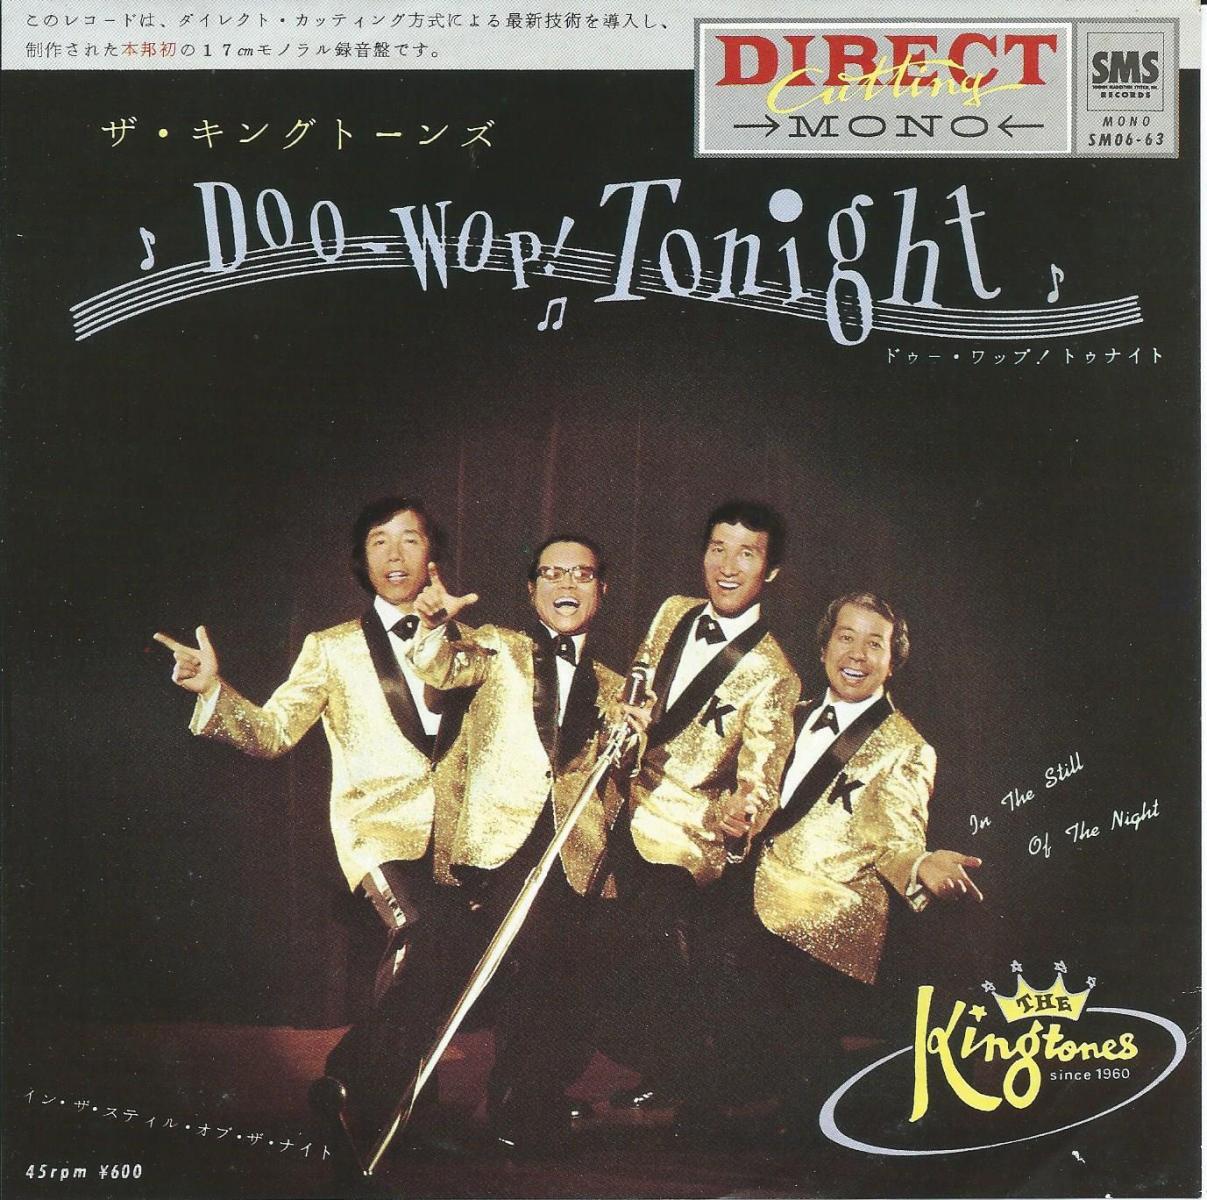 ザ・キングトーンズ THE KING TONES (EIICHI OHTAKI / 大瀧詠一) / ドゥー・ワップ!トゥナイト DOO-WOP! TONIGHT (7